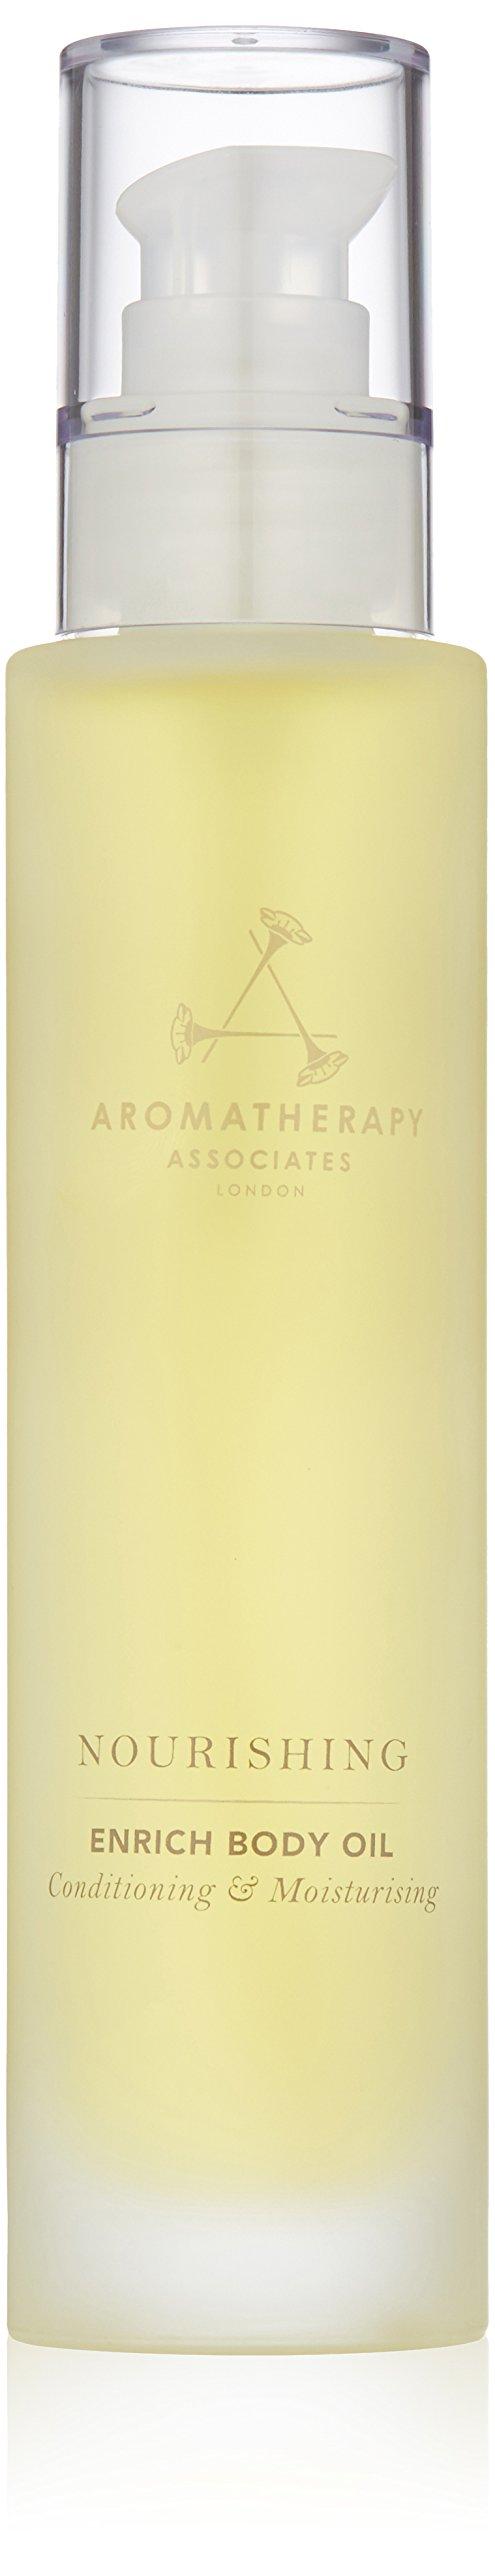 Aromatherapy Associates Nourishing Enrich Body Oil, 3.4 Fl Oz